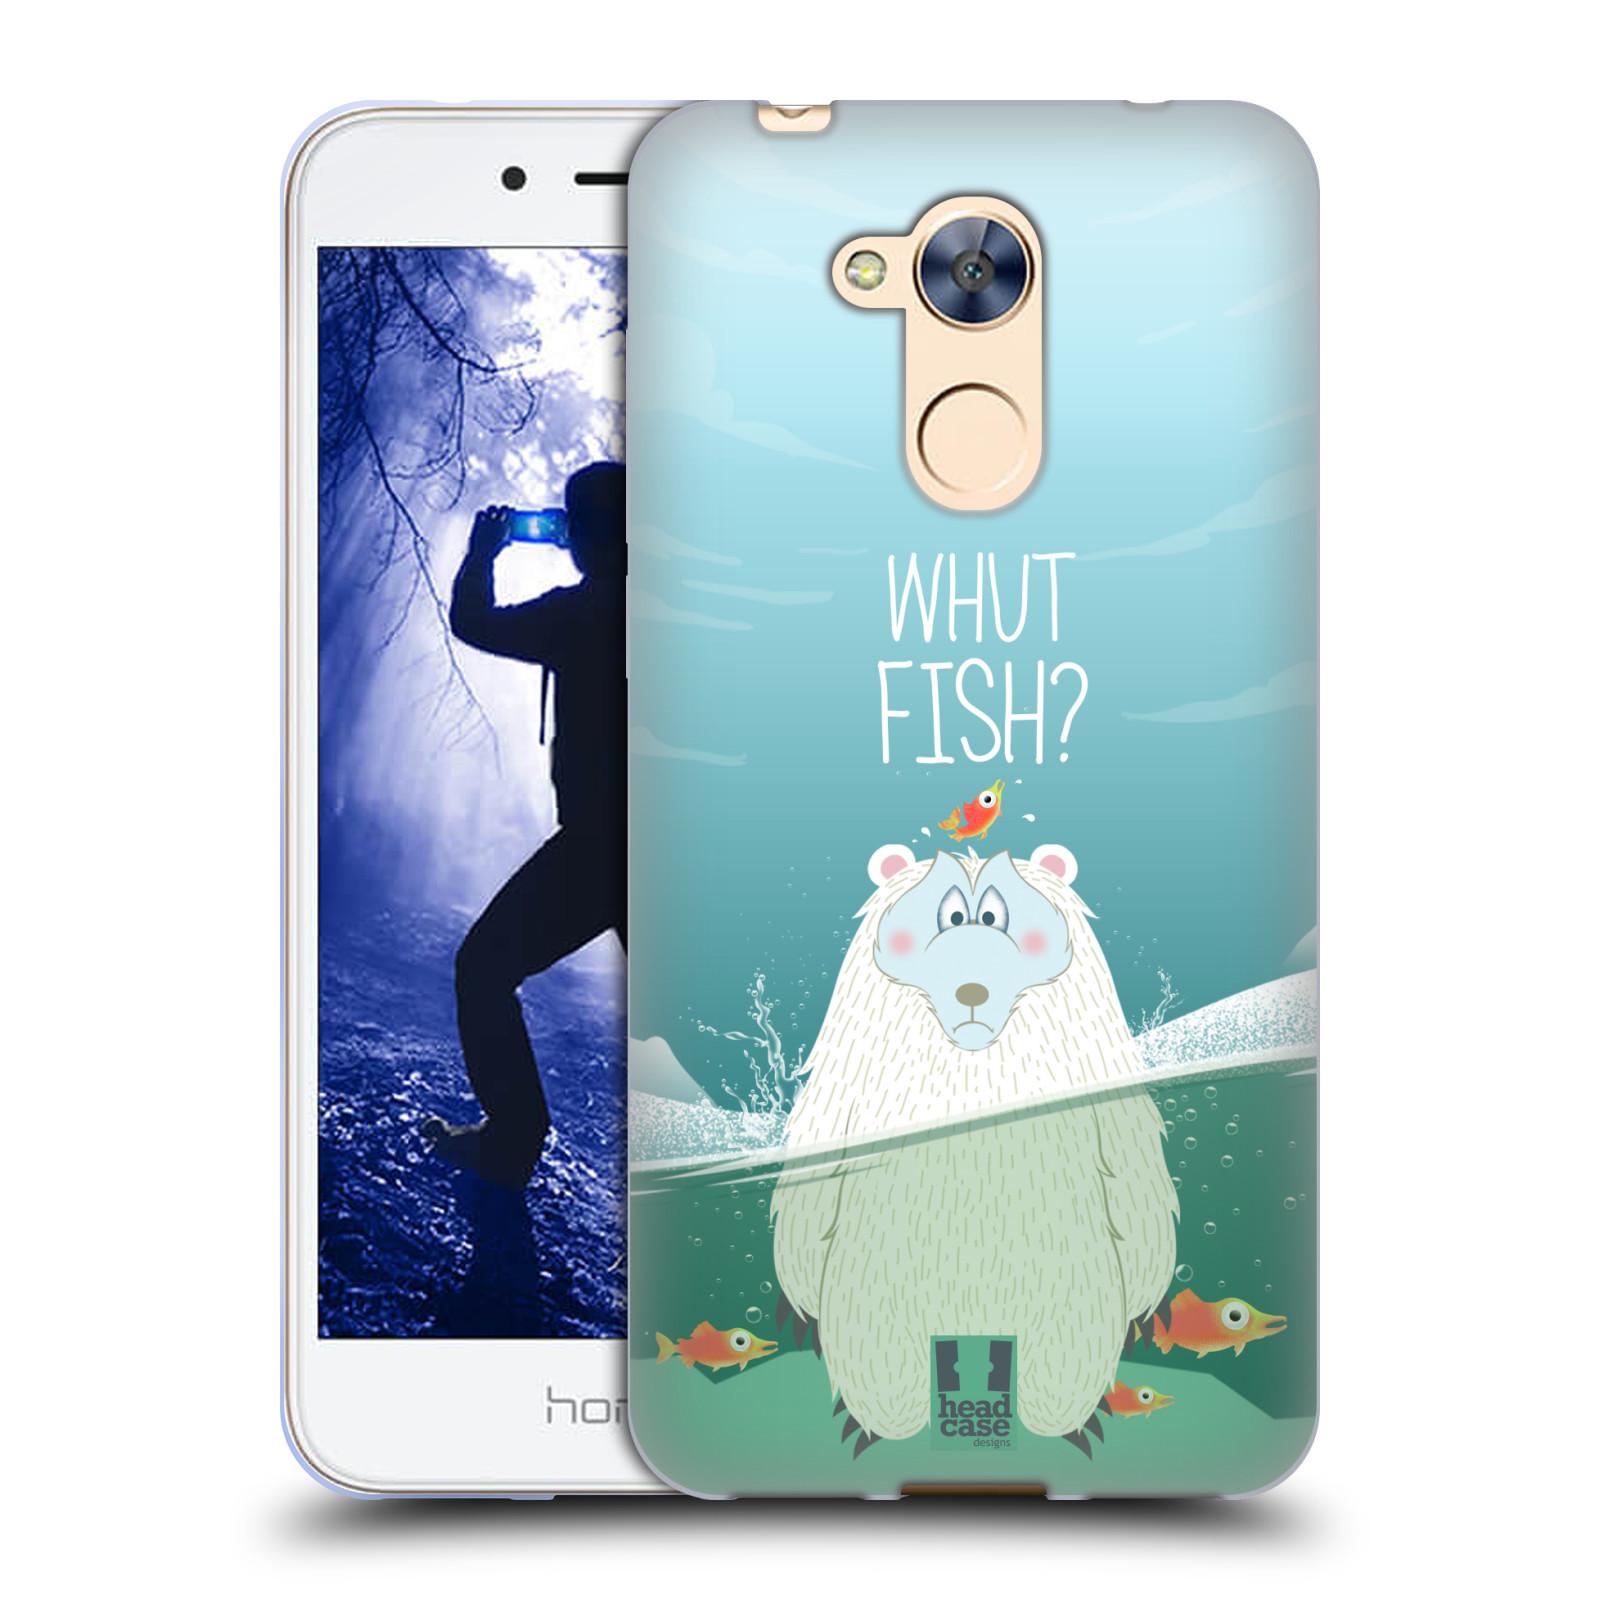 Silikonové pouzdro na mobil Honor 6A - Head Case - Medvěd Whut Fish?